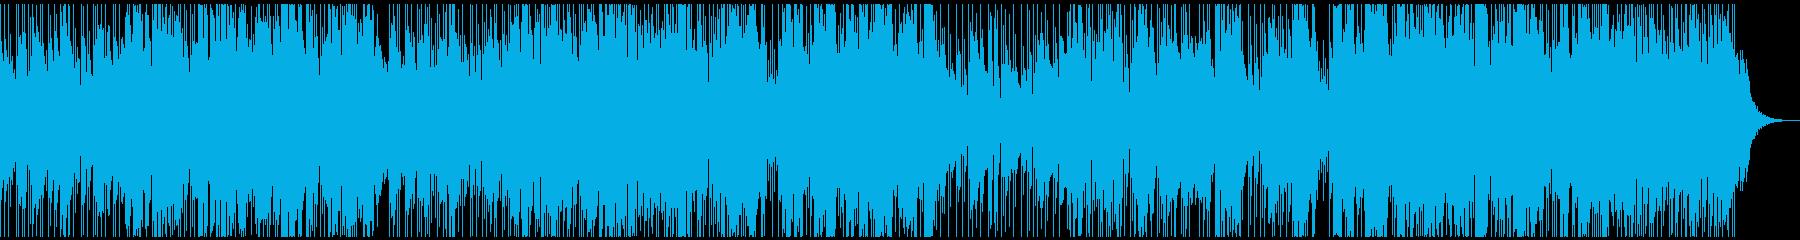 可愛い雰囲気のポップスの再生済みの波形